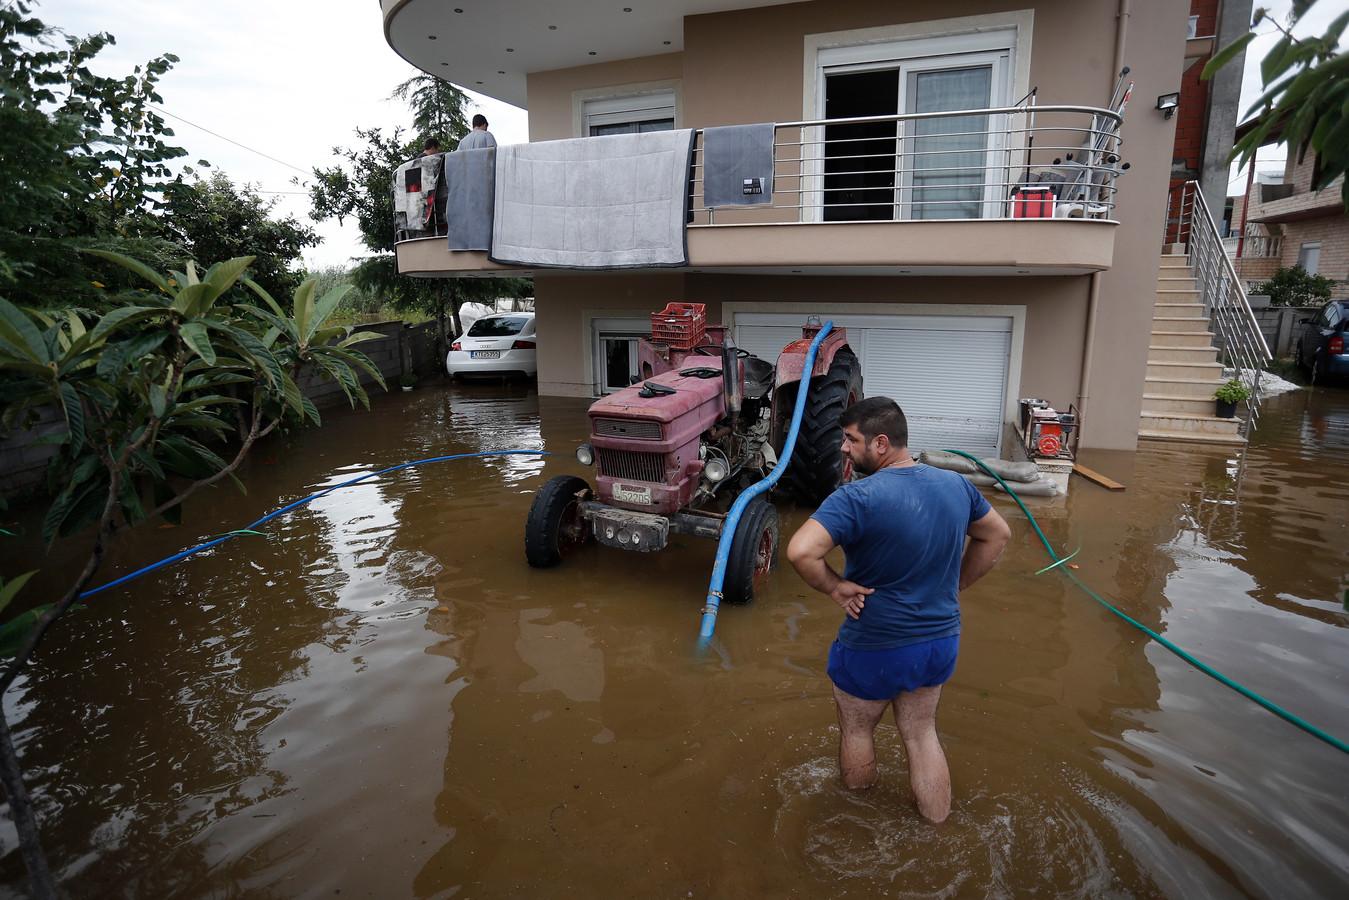 فيضانات اليونان: ثلاث وفيات بينهم رضع وأضرار جسيمة